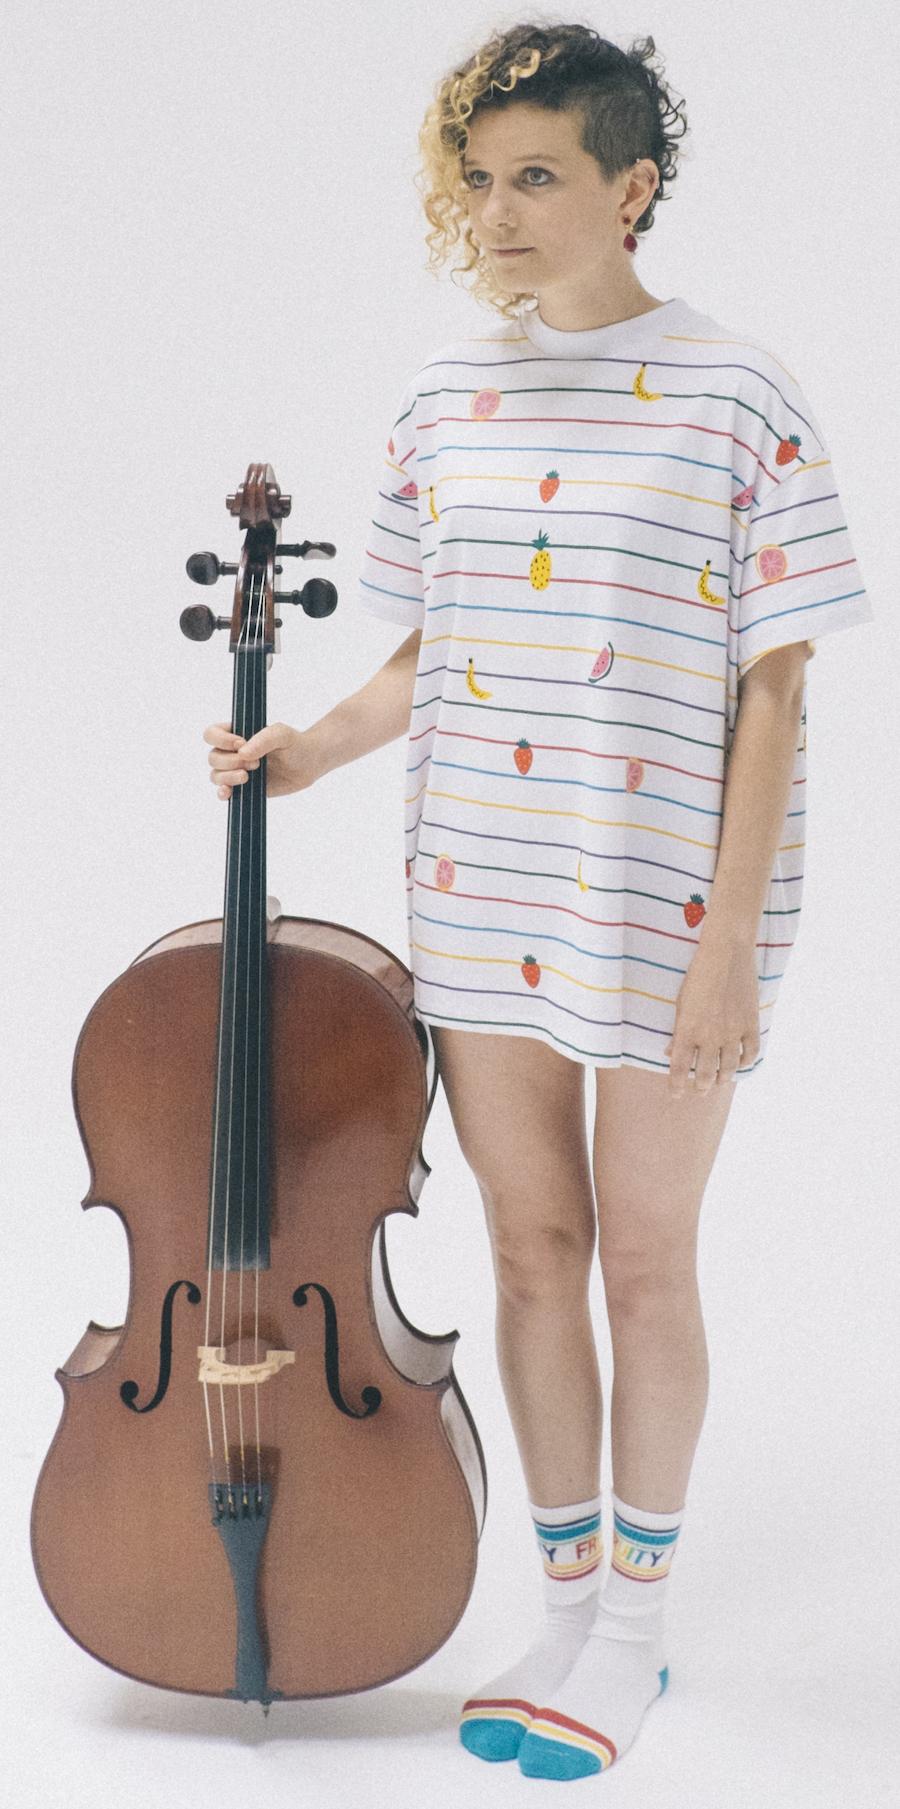 cello03.jpg